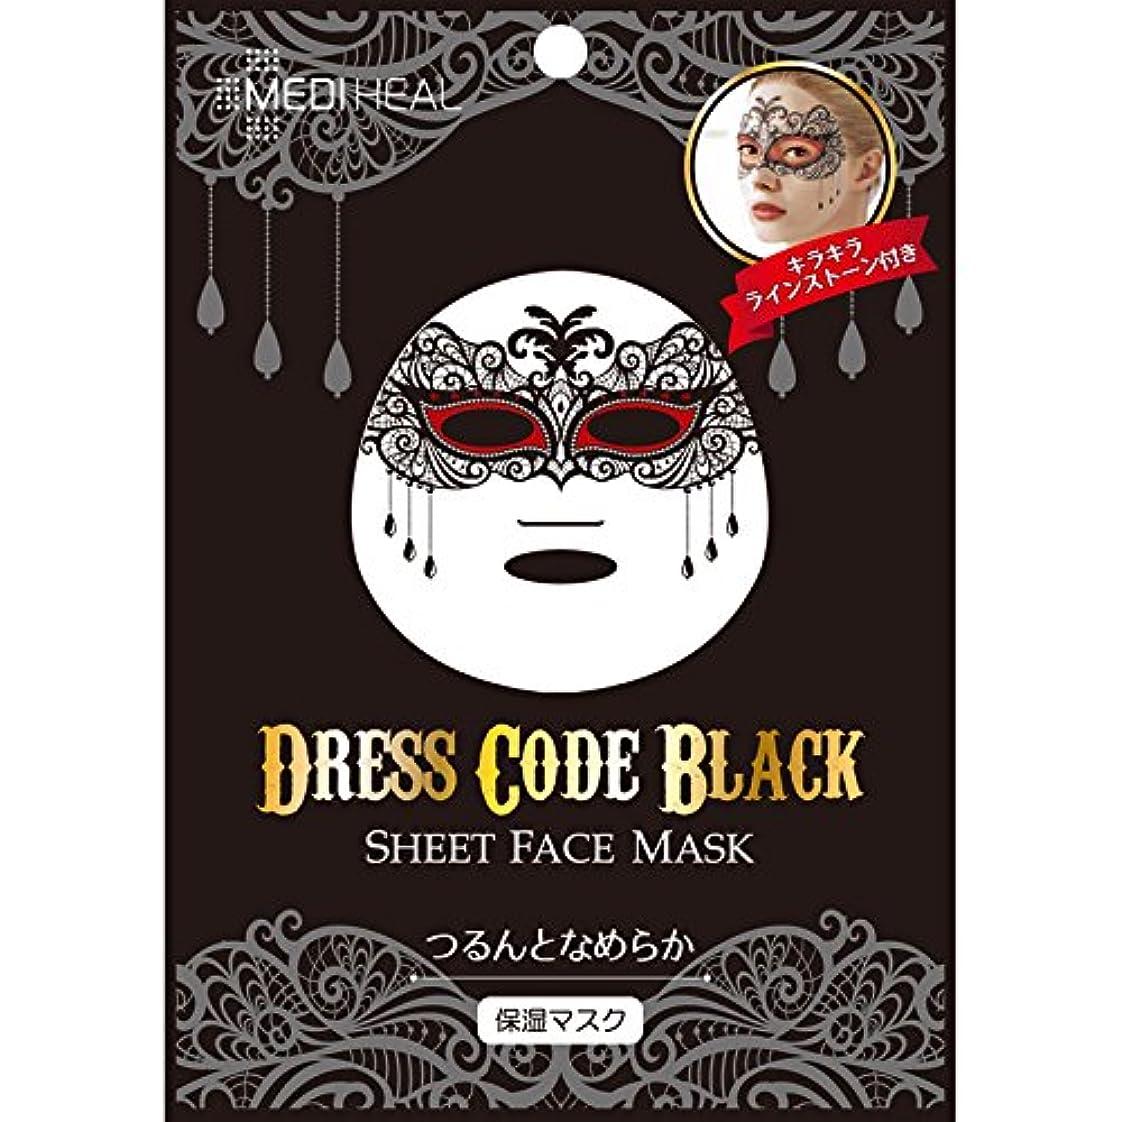 メーカーリップ罪メディヒル フェイスマスク ドレスコードブラック (27ML/1シート)